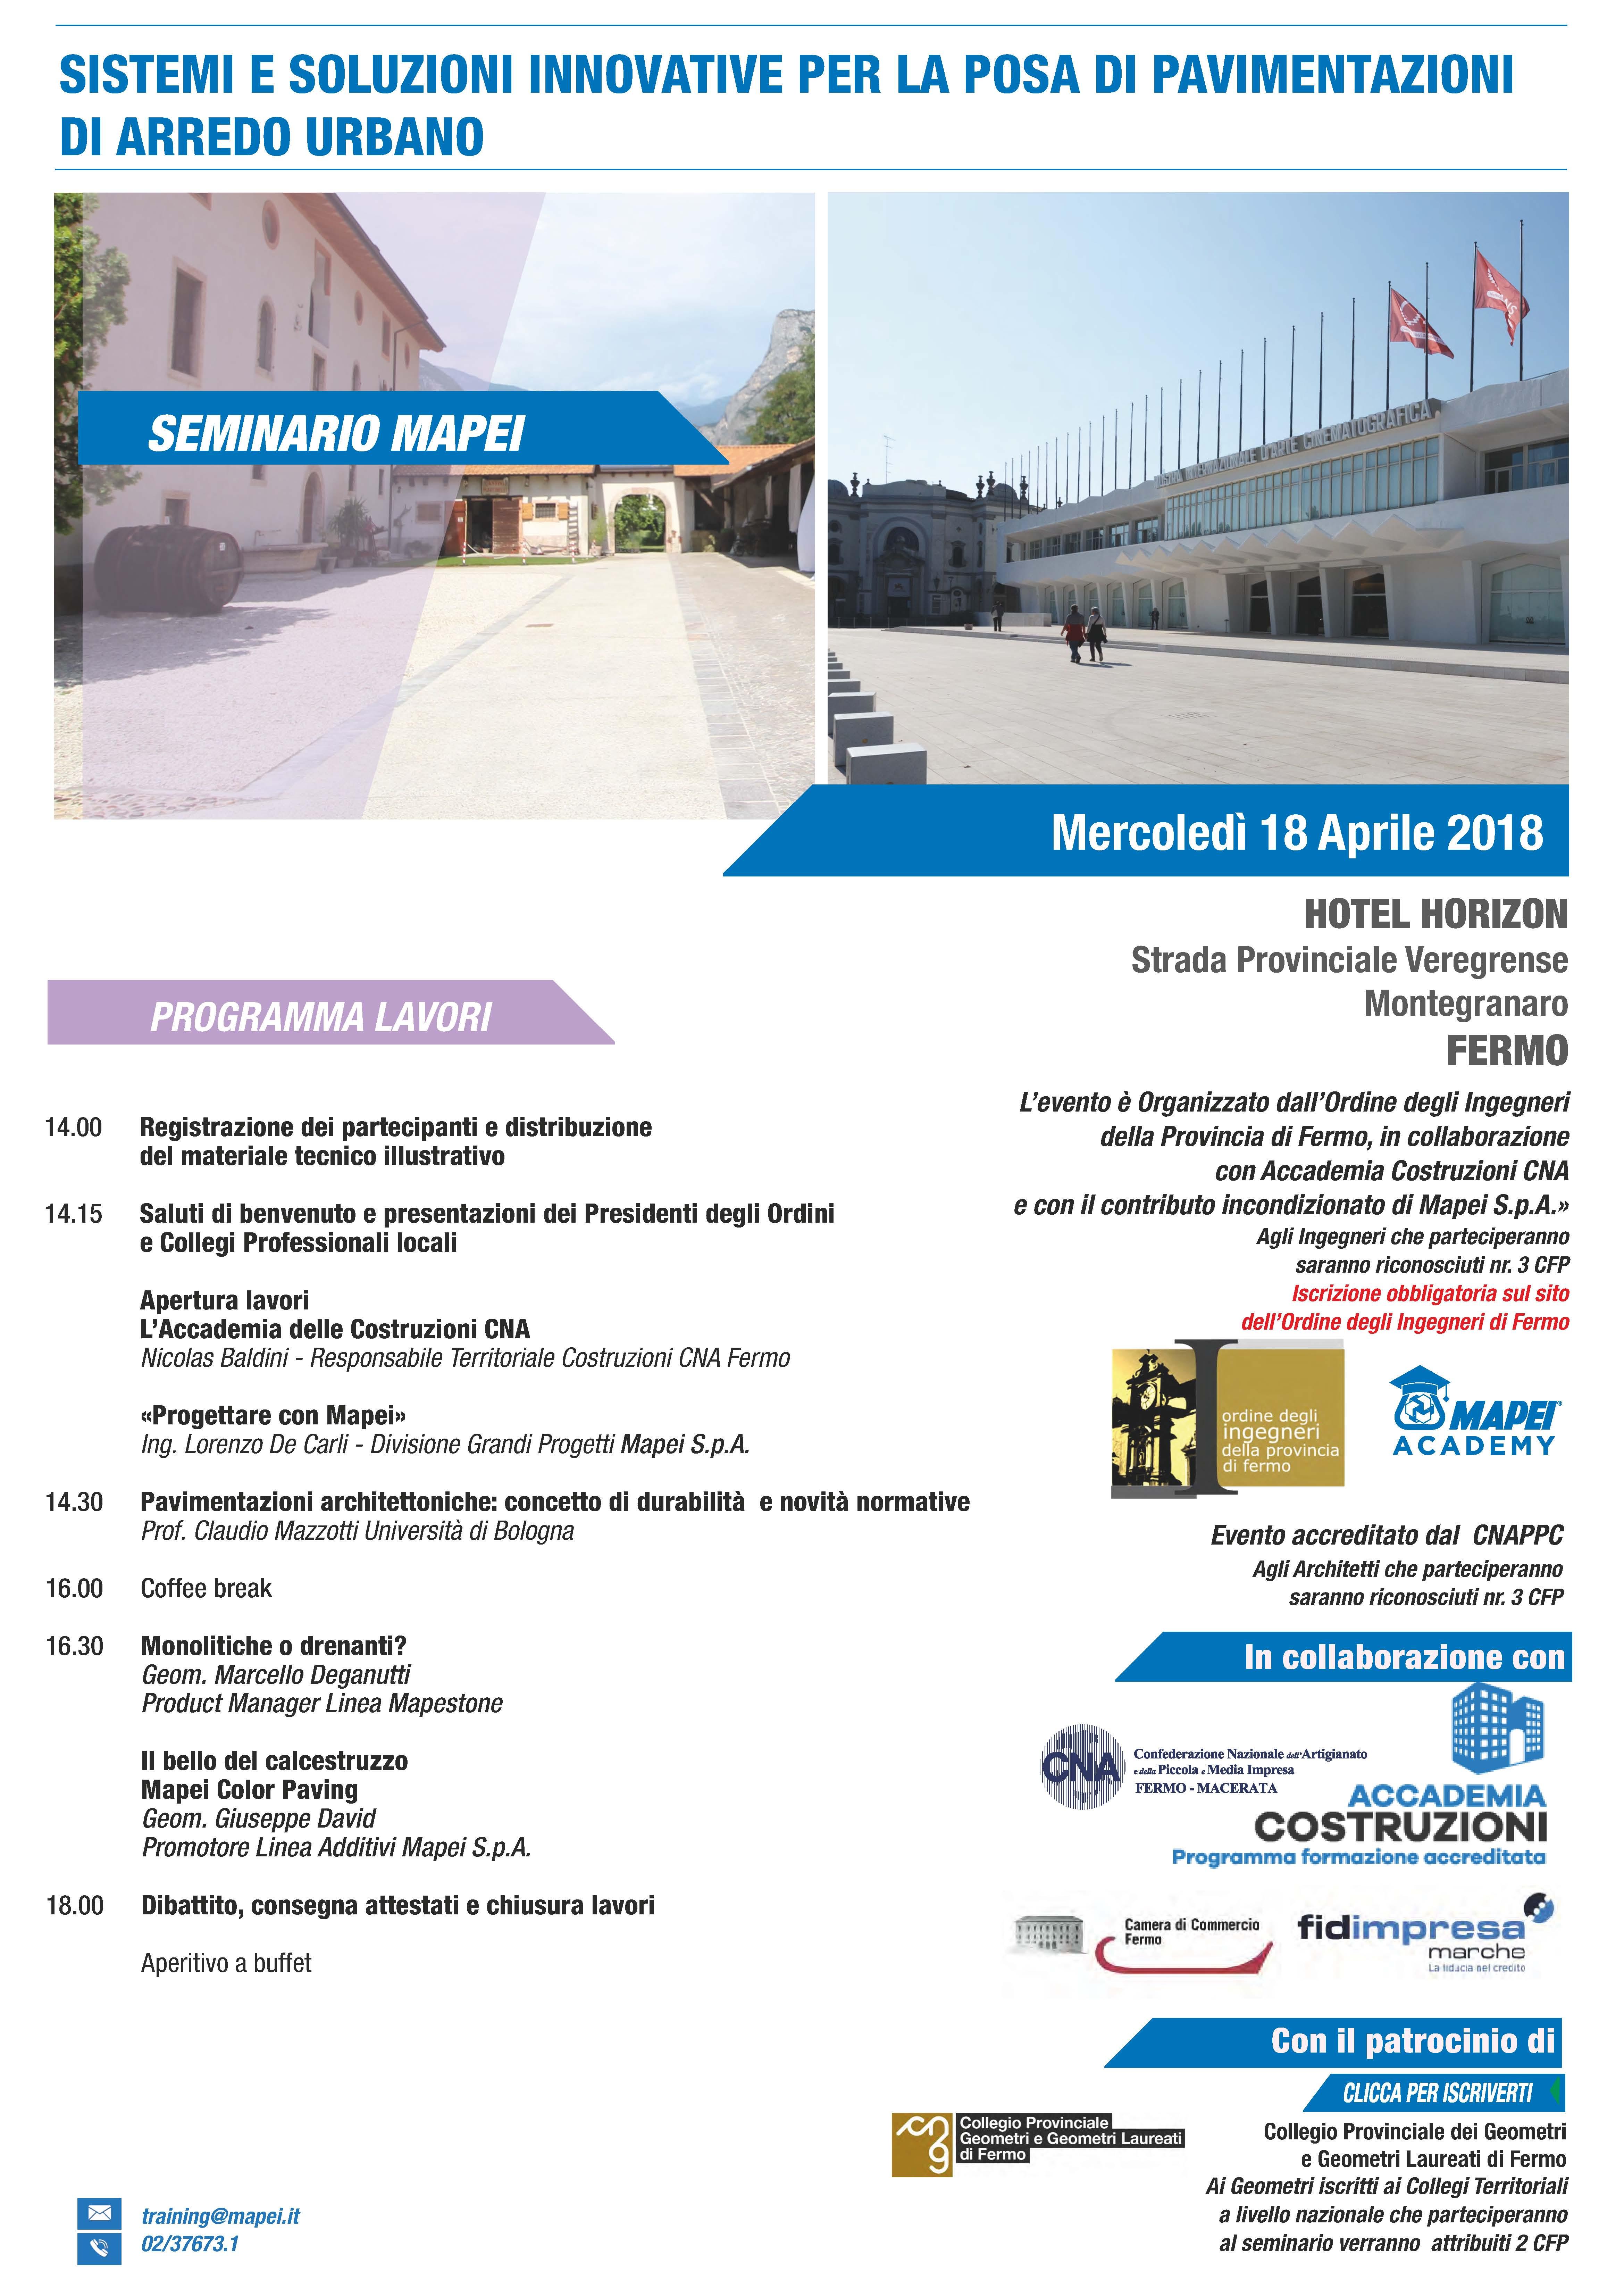 Parcella architetto per linee guida per il lavoro with parcella architetto per cheap amazing - Parcella architetto ...